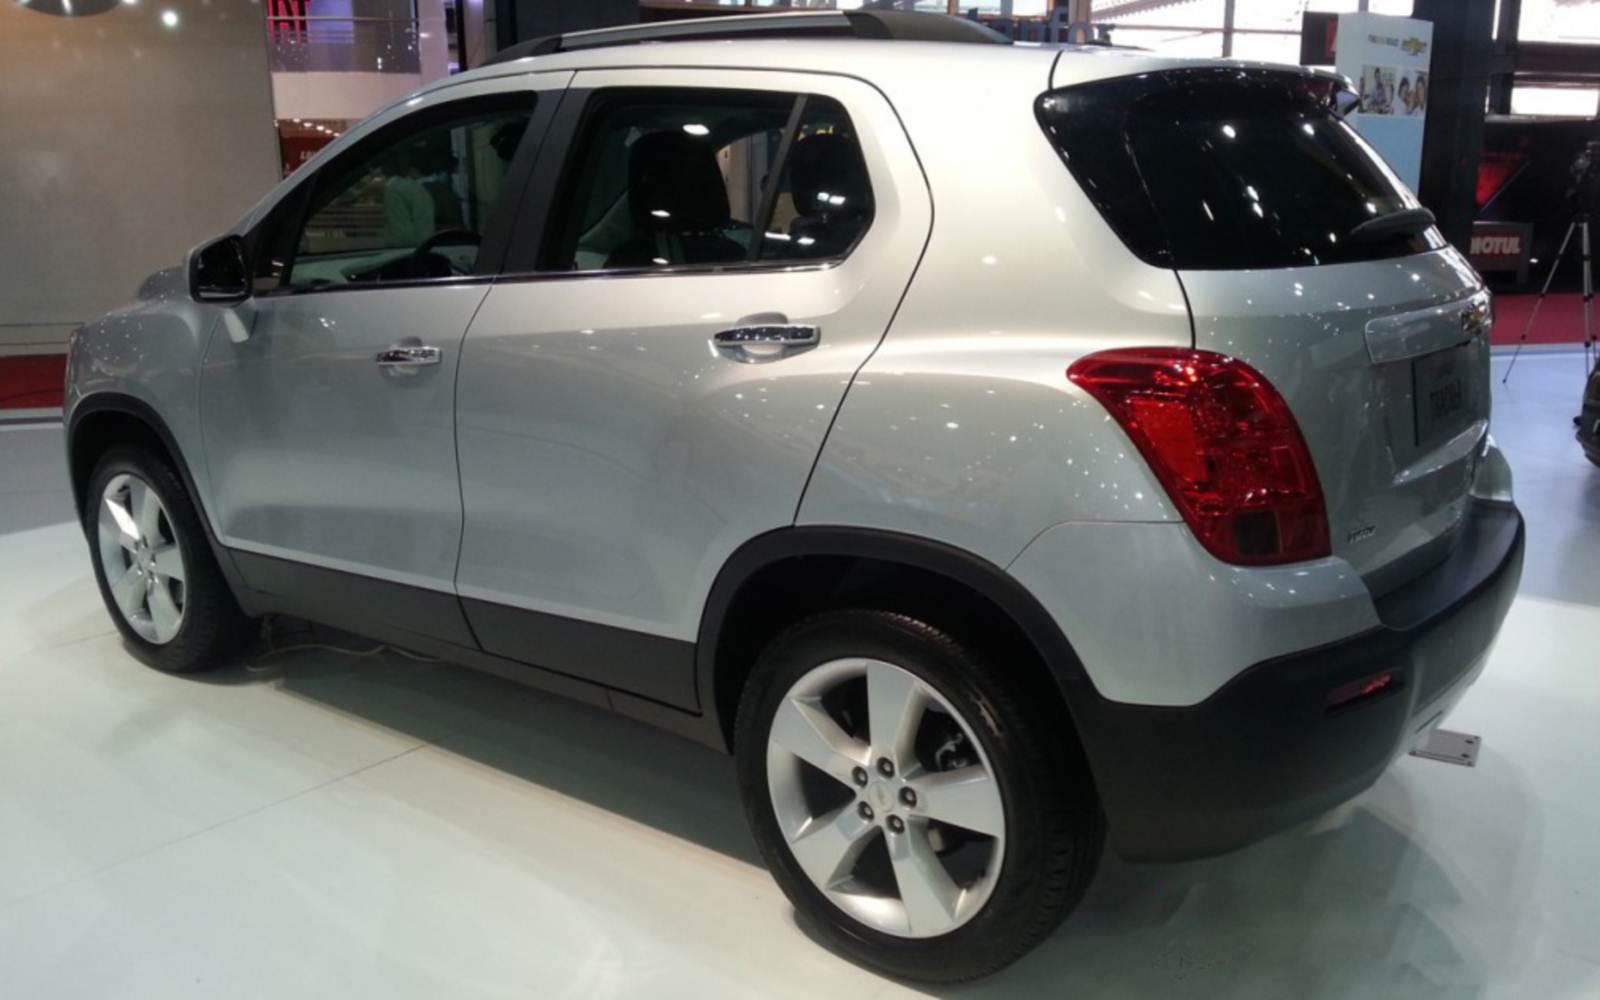 Chevrolet Tracker, lançado na Argentina, é dúvida no Brasil | CAR.BLOG.BR - Carros